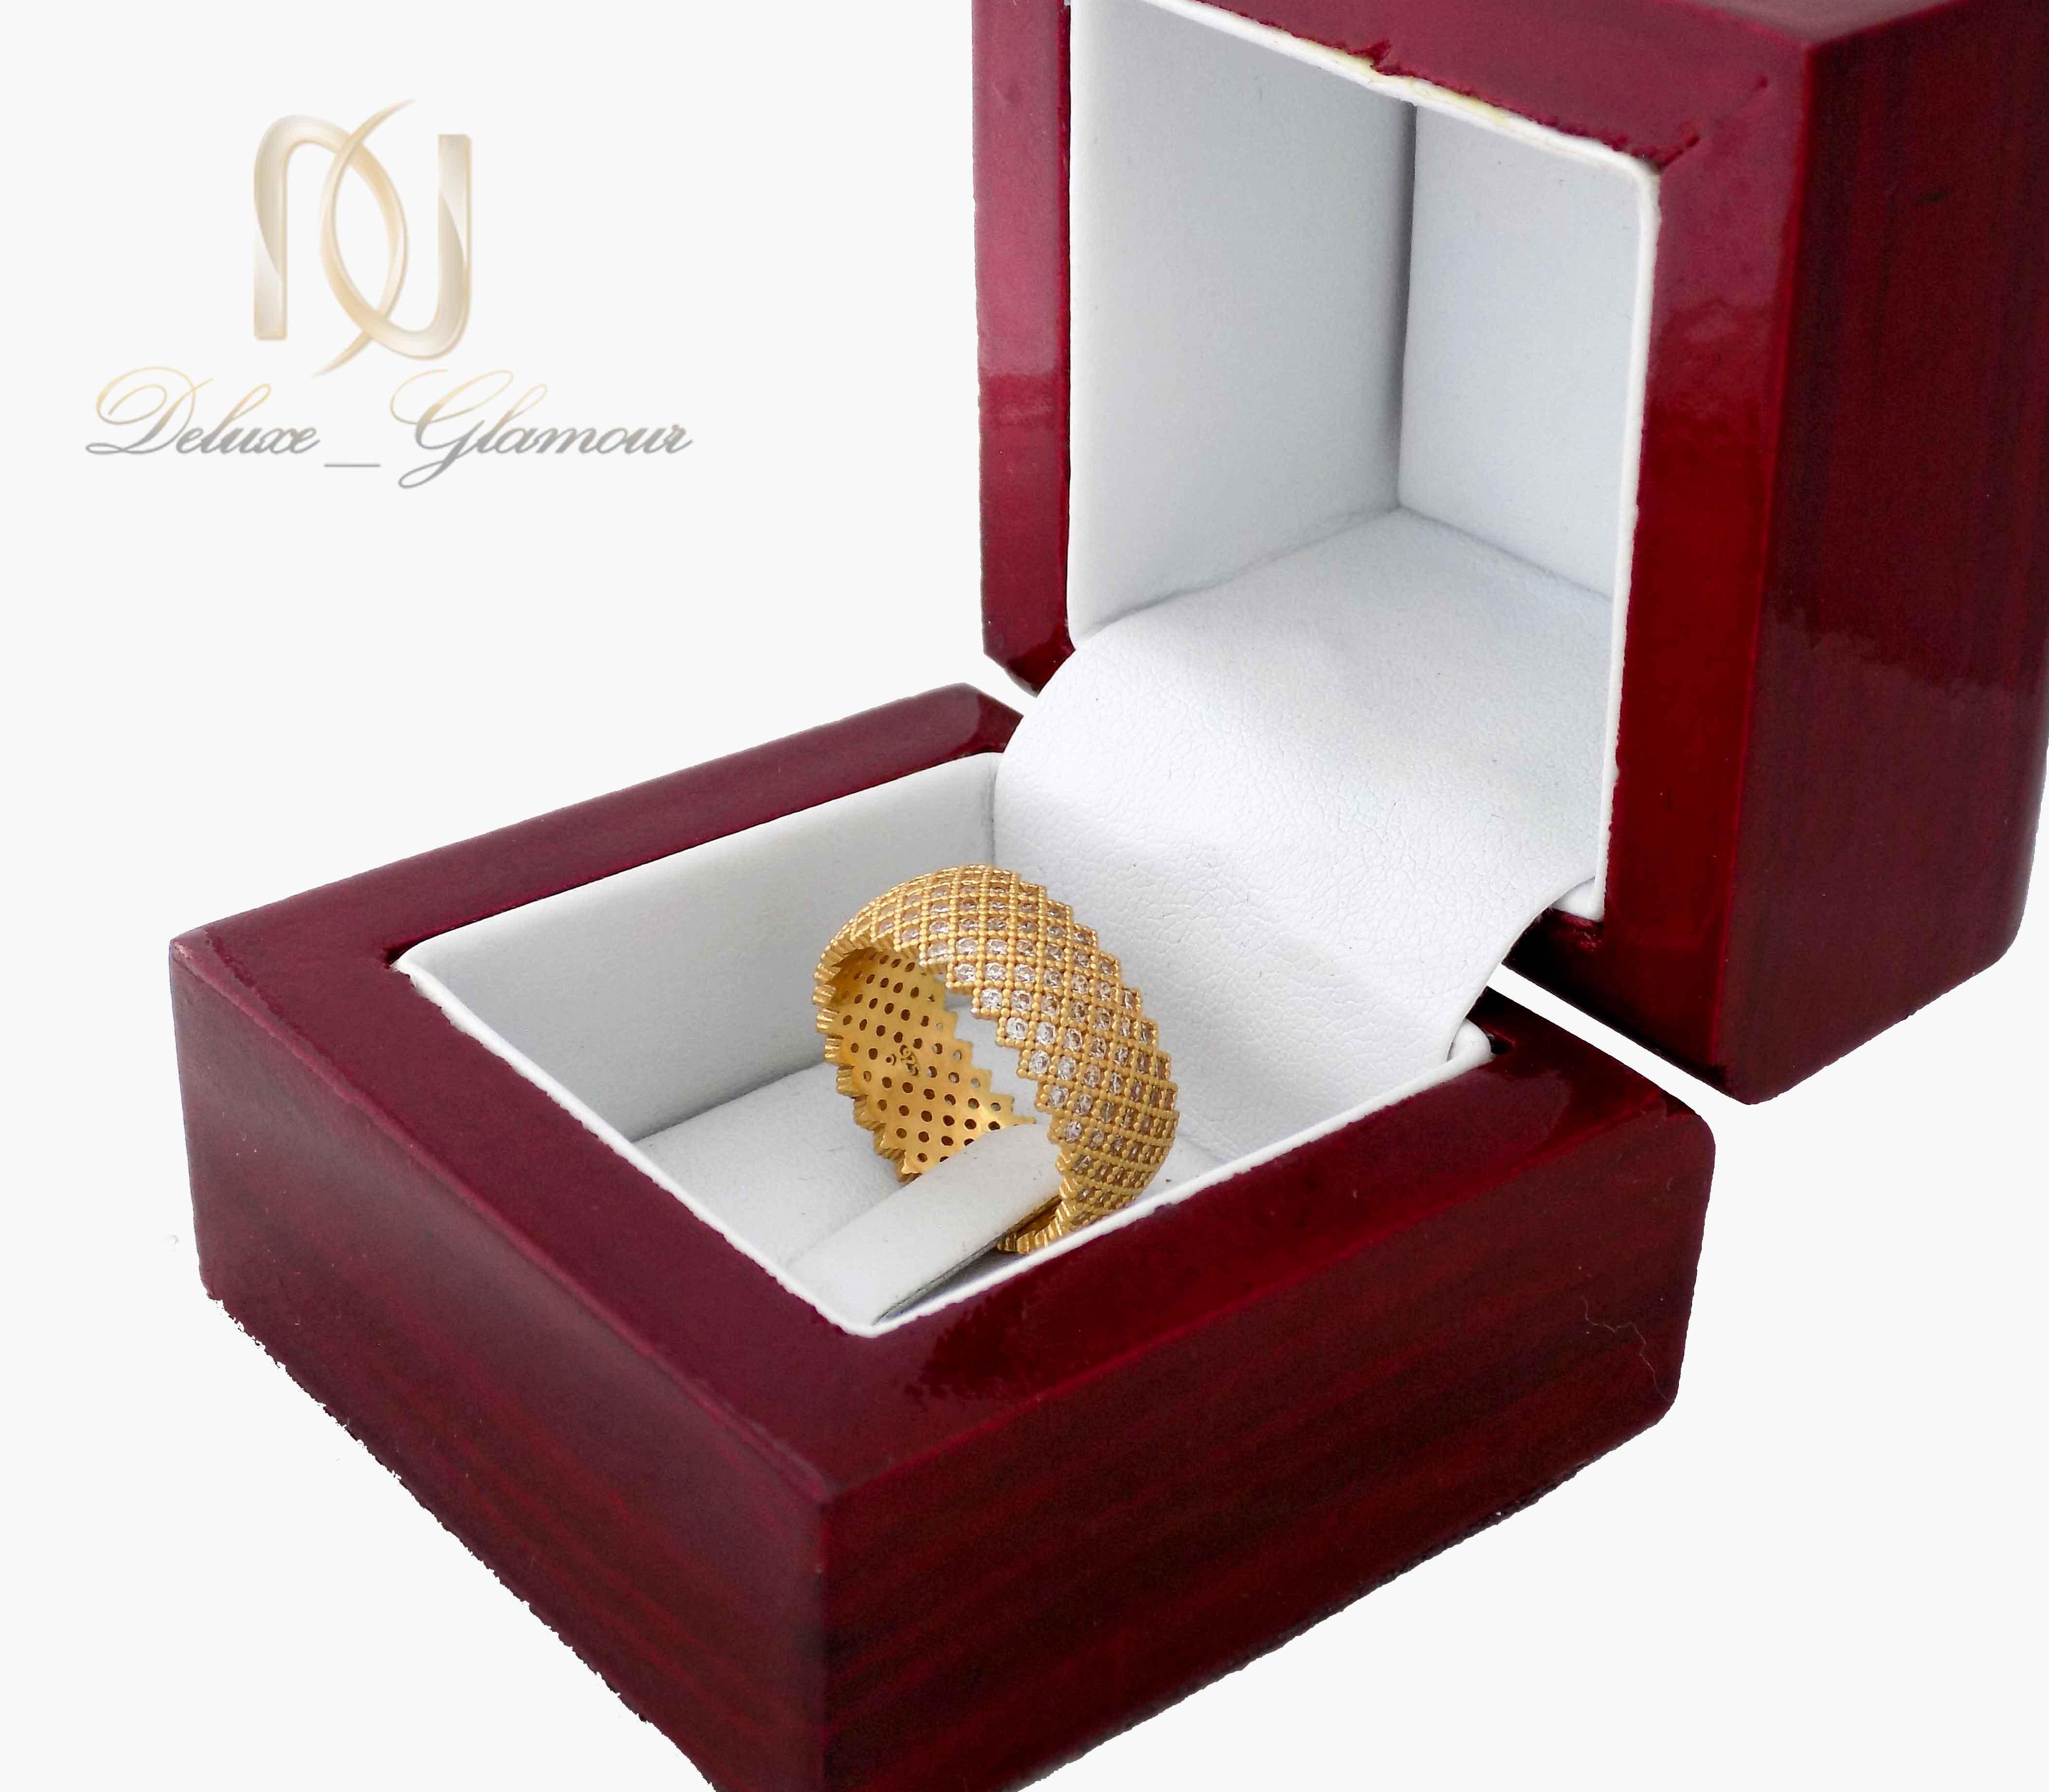 انگشتر نقره زنانه طلایی پرنگین طرح حلقه rg-n315 از نمای کنار